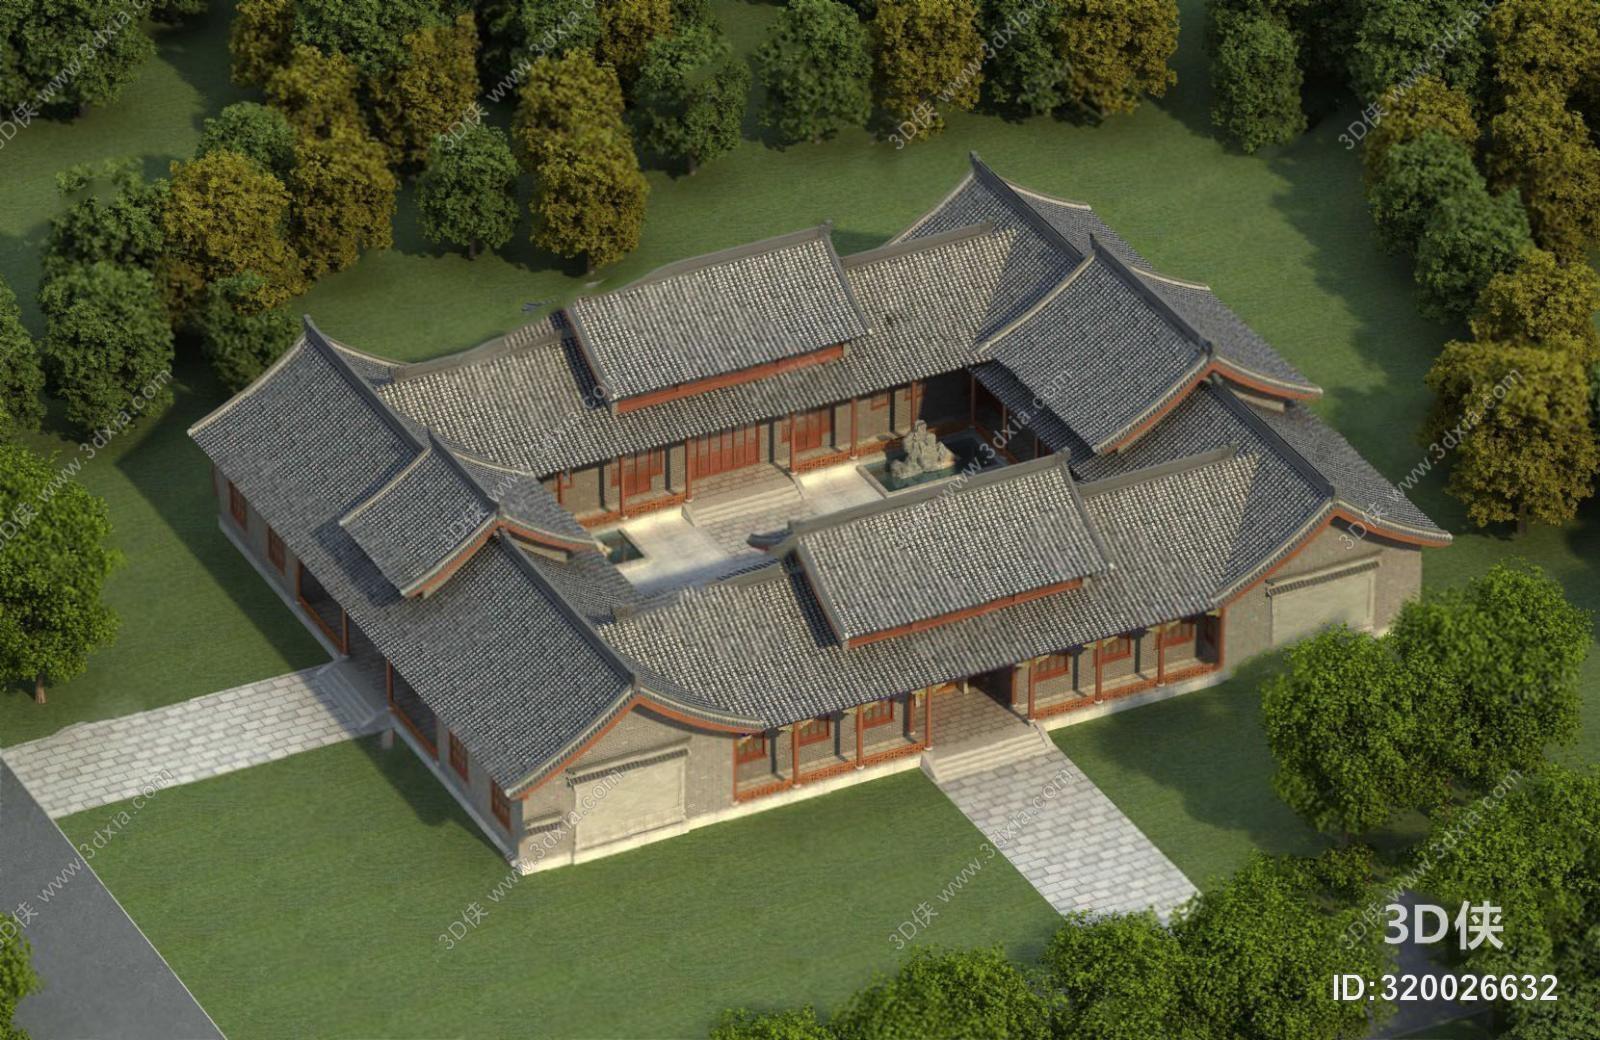 古建筑效果图素材免费下载,本作品主题是建筑3d模型,编号是320026632